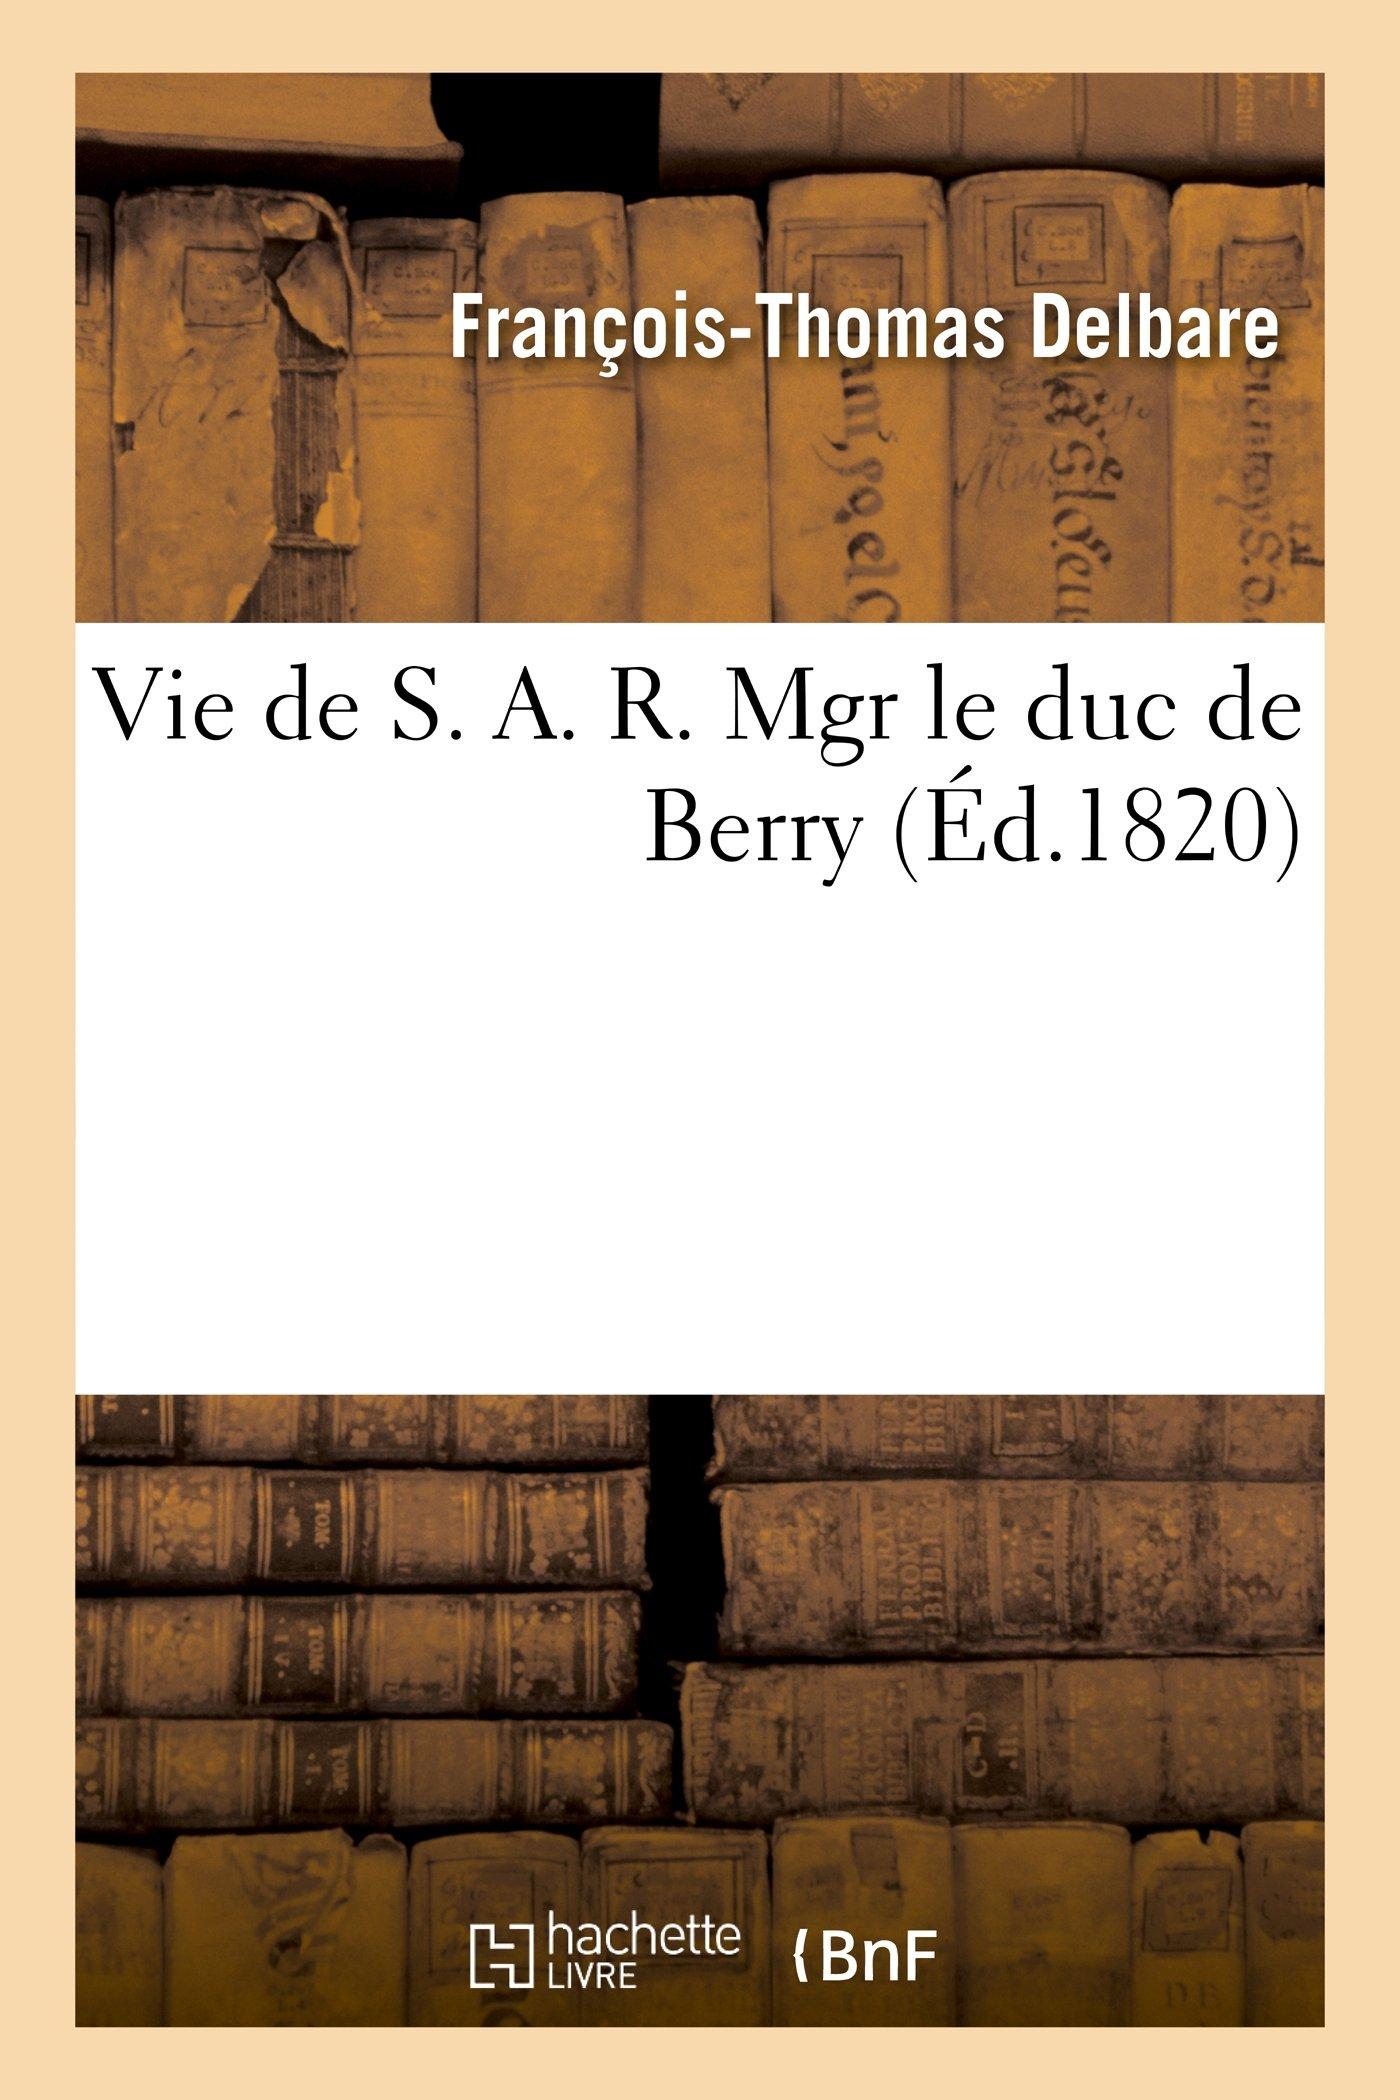 Vie de S. A. R. Mgr le duc de Berry (Histoire) (French Edition) ebook